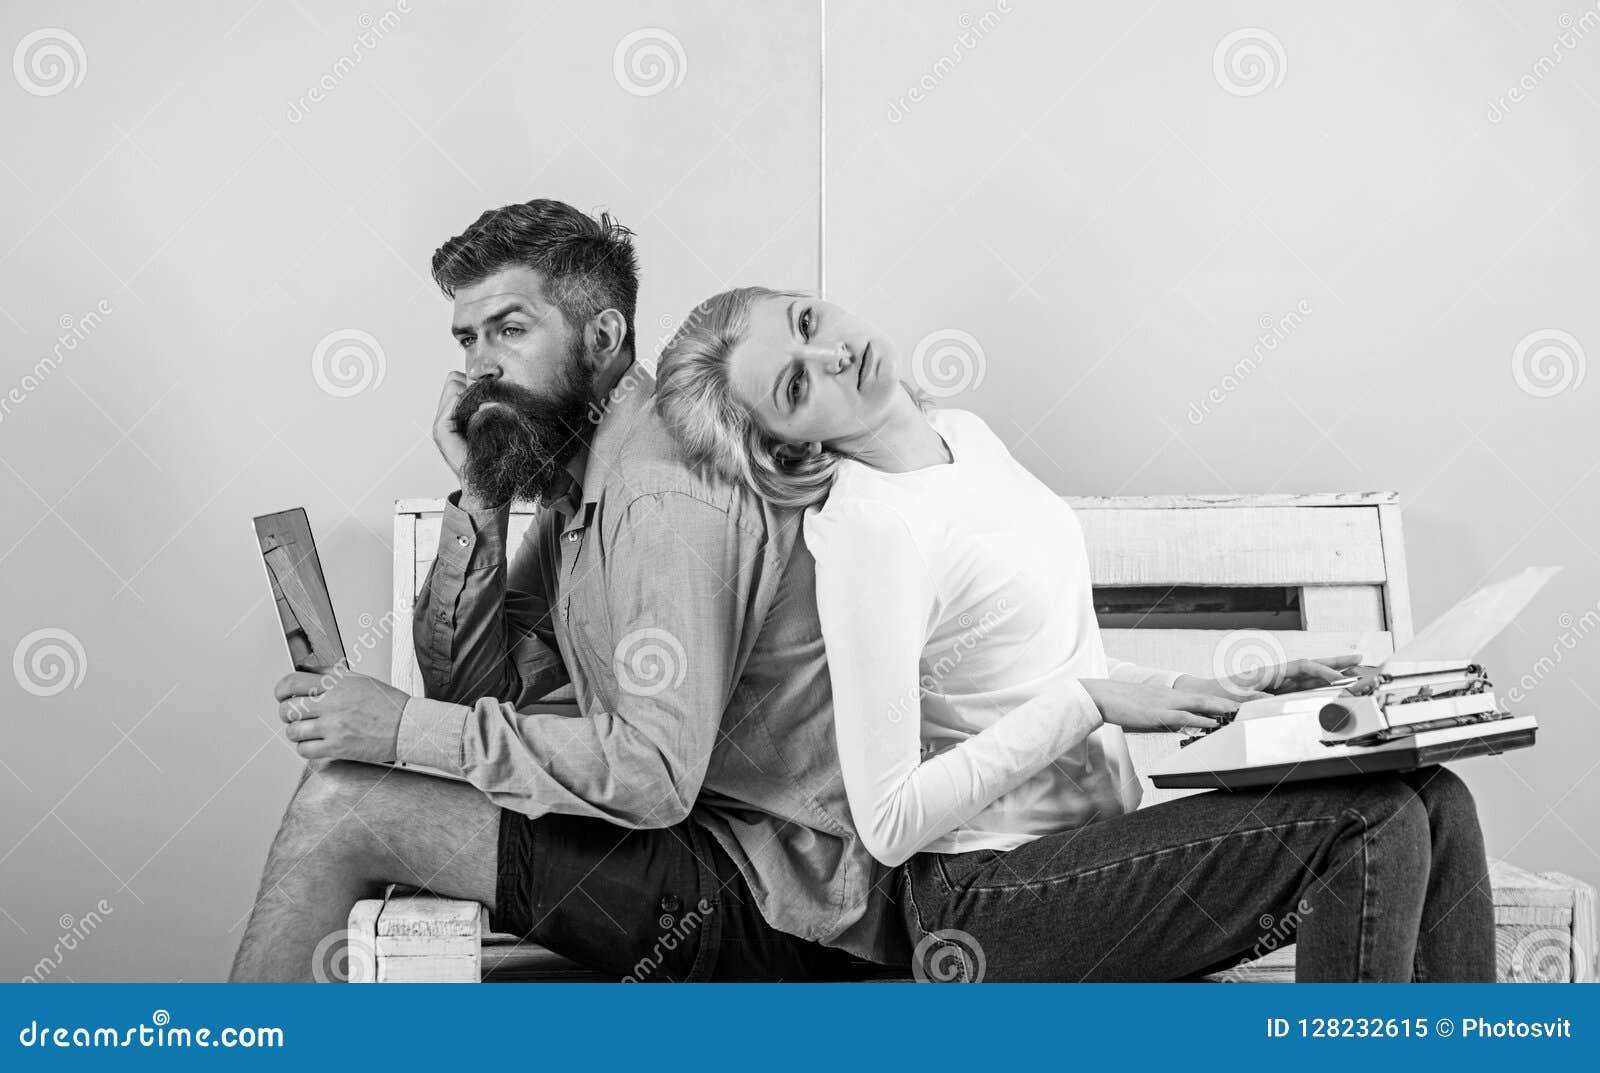 真实的作者地道设备 同事另外工作方法 夫妇作家用途不同的小配件写书 人